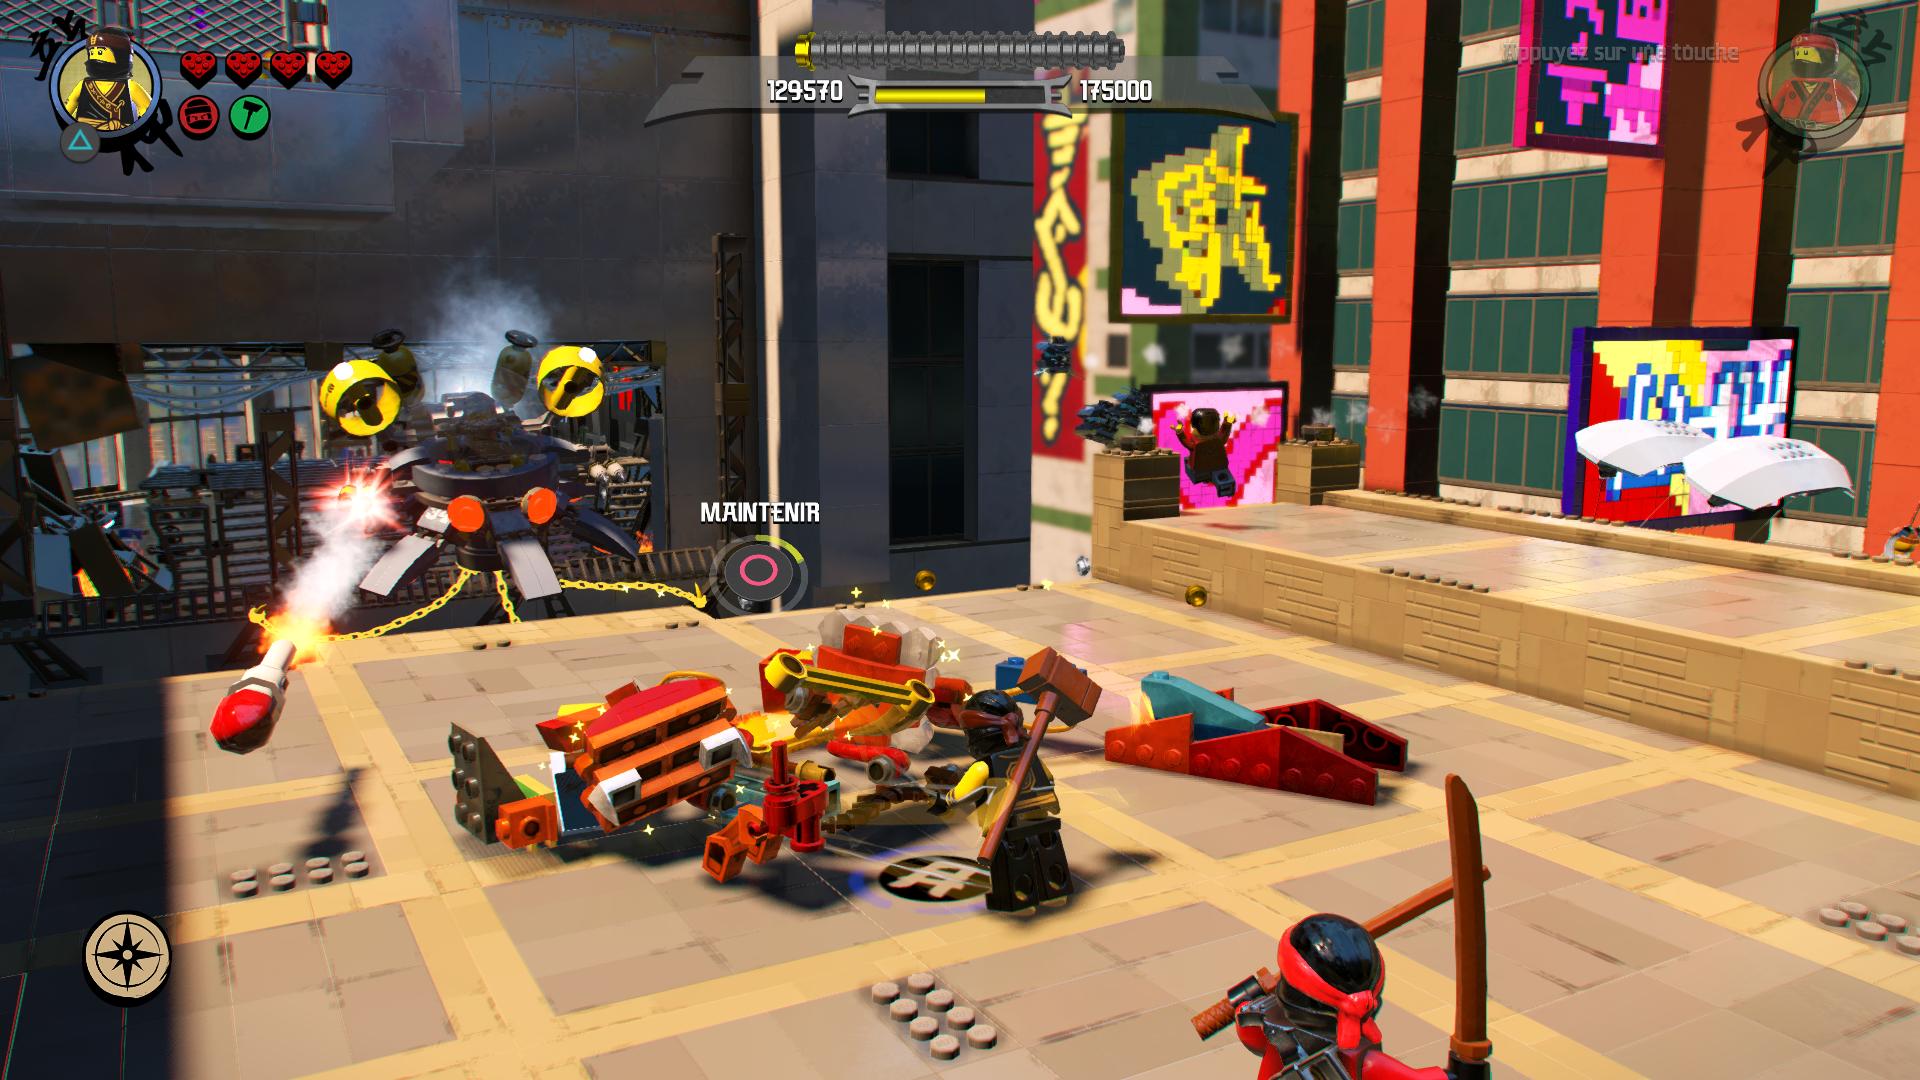 Lego ninjago le film le jeu vid o 20171013105222 le - Jeu lego ninjago gratuit ...